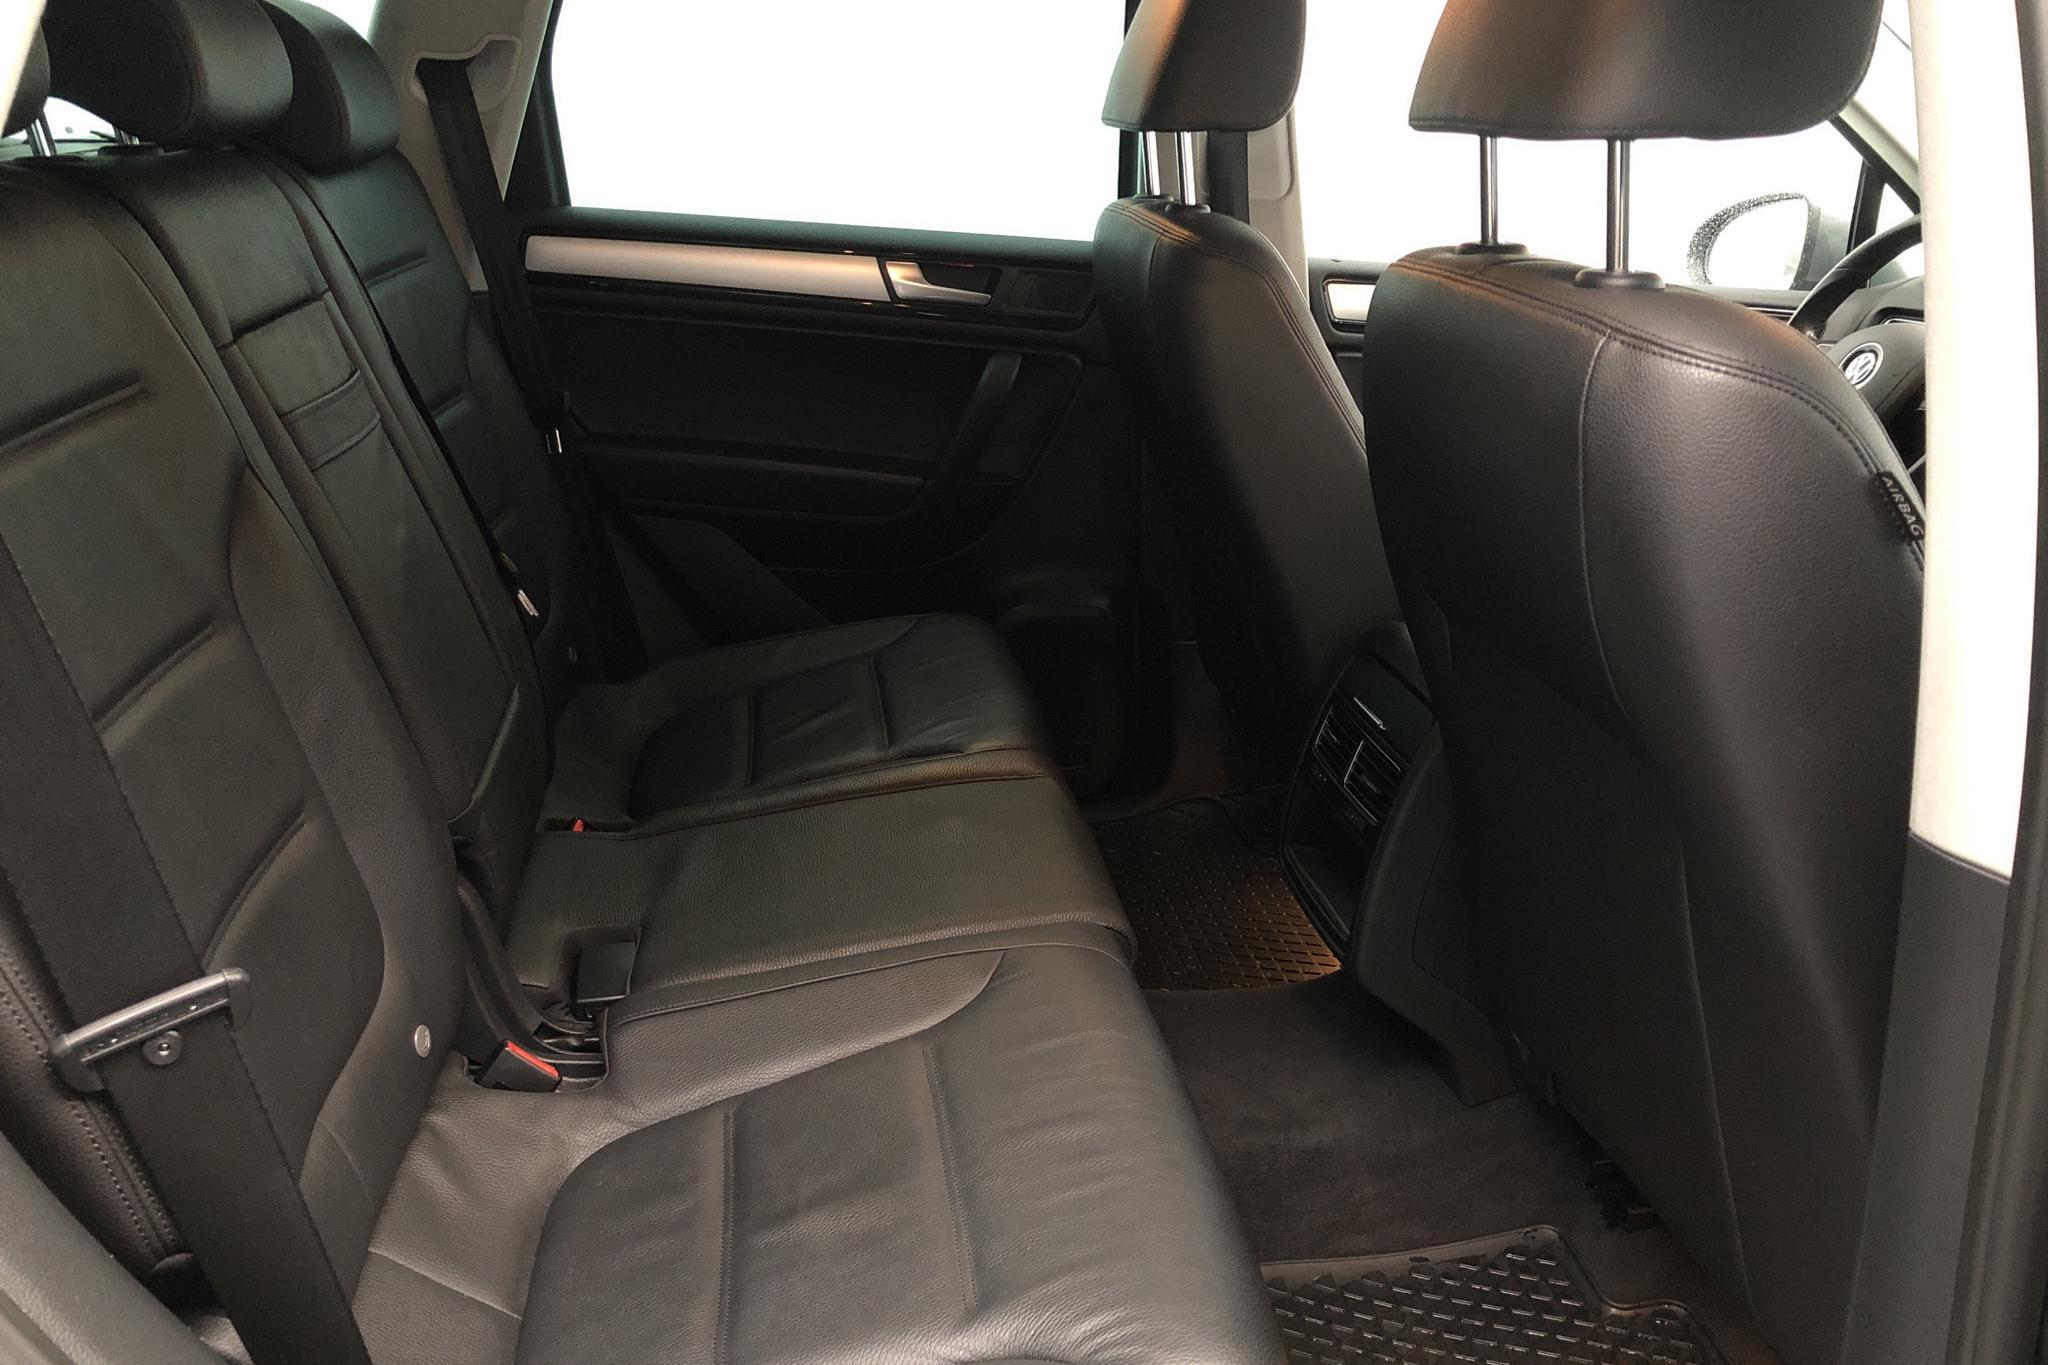 VW Touareg V6 TDI BlueMotion Technology (204hk) - 11 228 mil - Automat - Light Grey - 2014